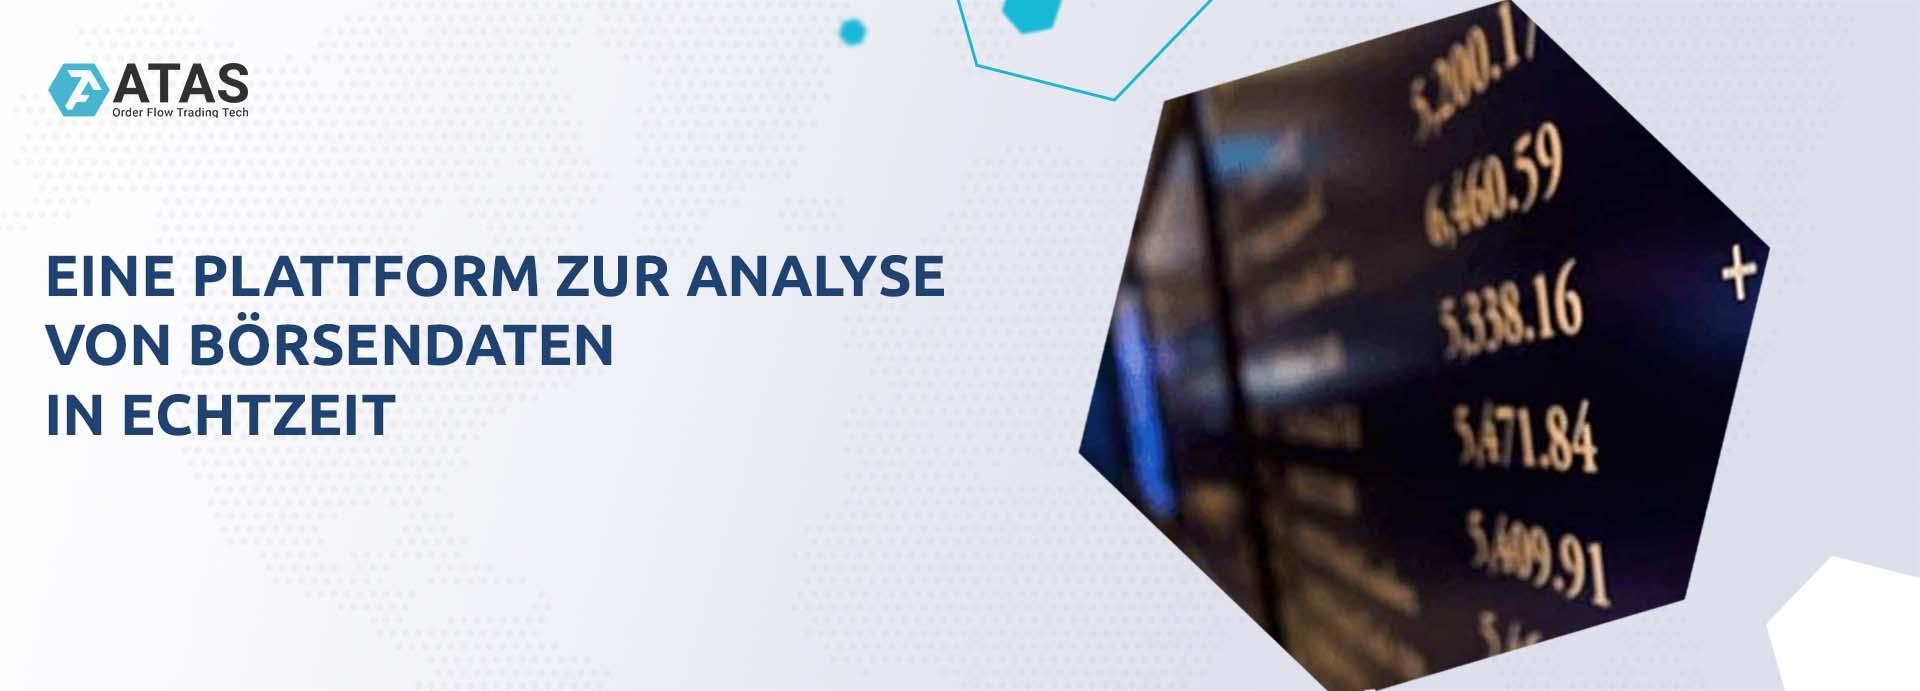 Eine Plattform zur Analyse von Börsendaten in Echtzei